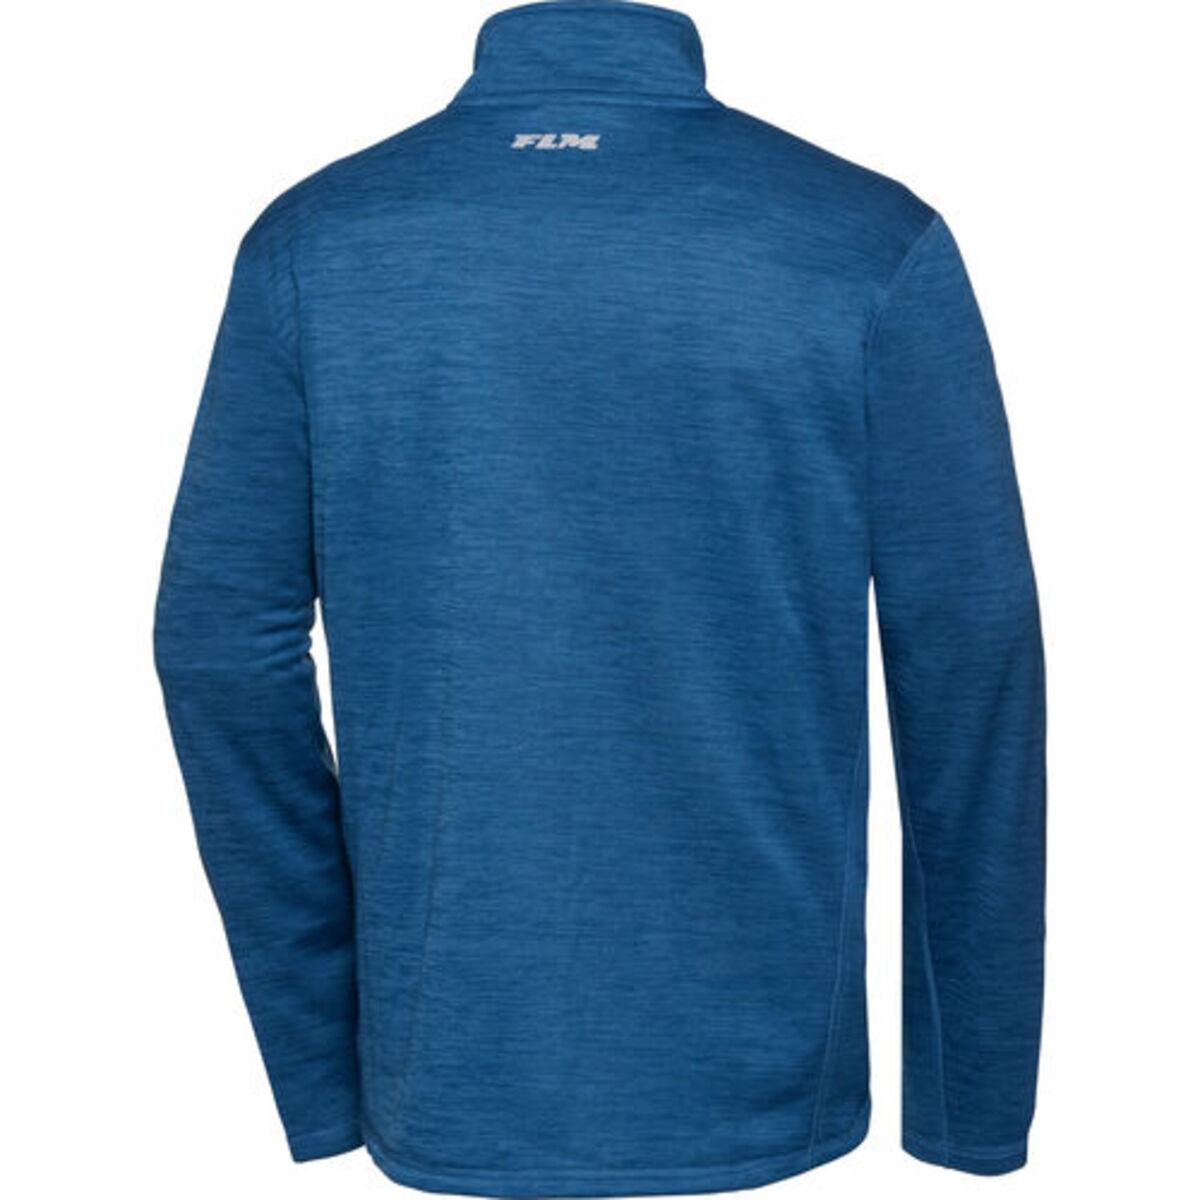 Bild 2 von FLM            Fleece Jacke 3.0 blau